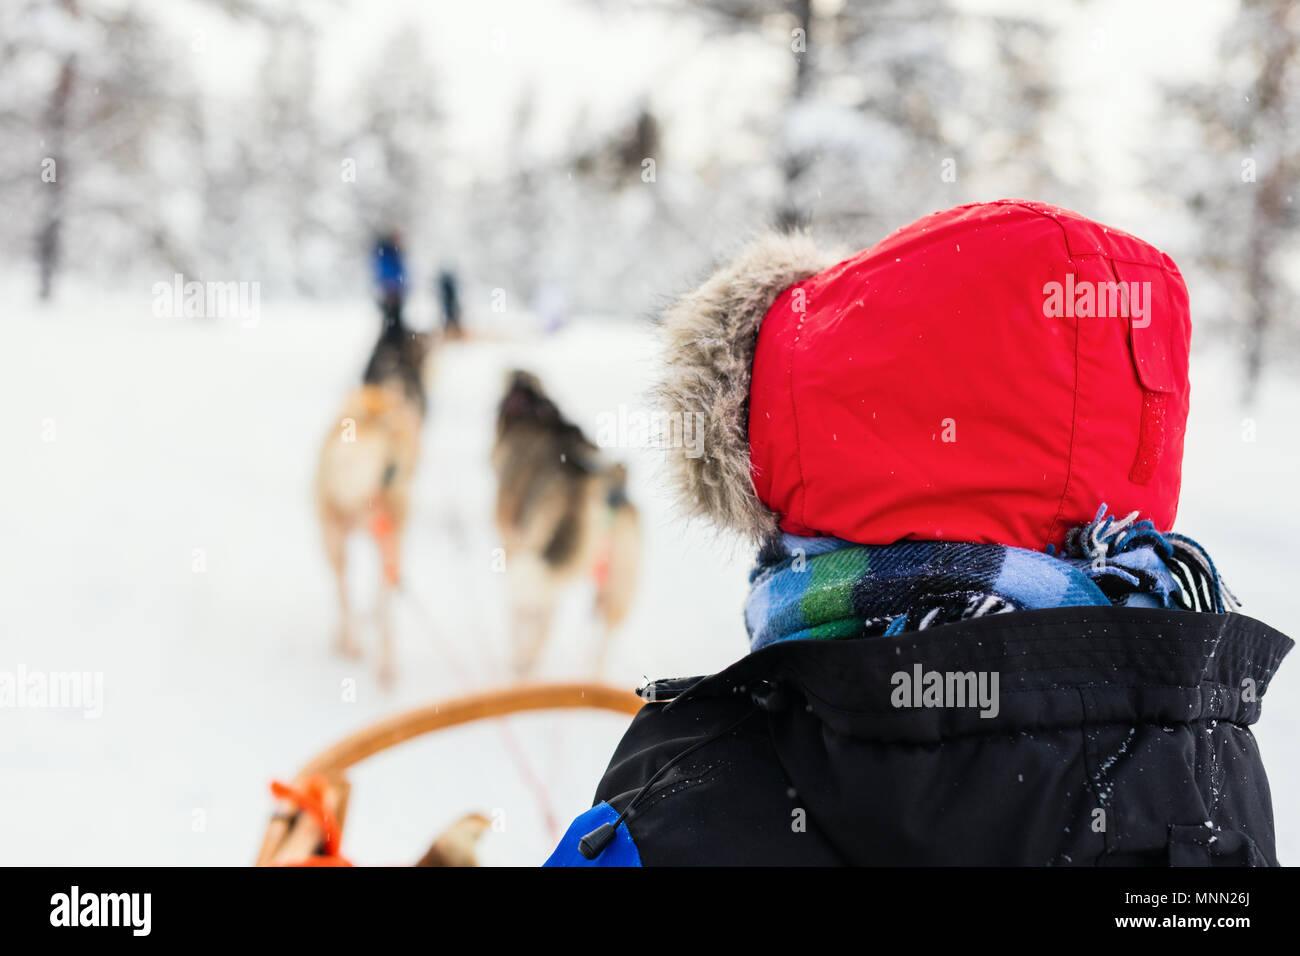 Cani Husky sono tirando la slitta con un capretto al bosco invernale in Lapponia, Finlandia Immagini Stock